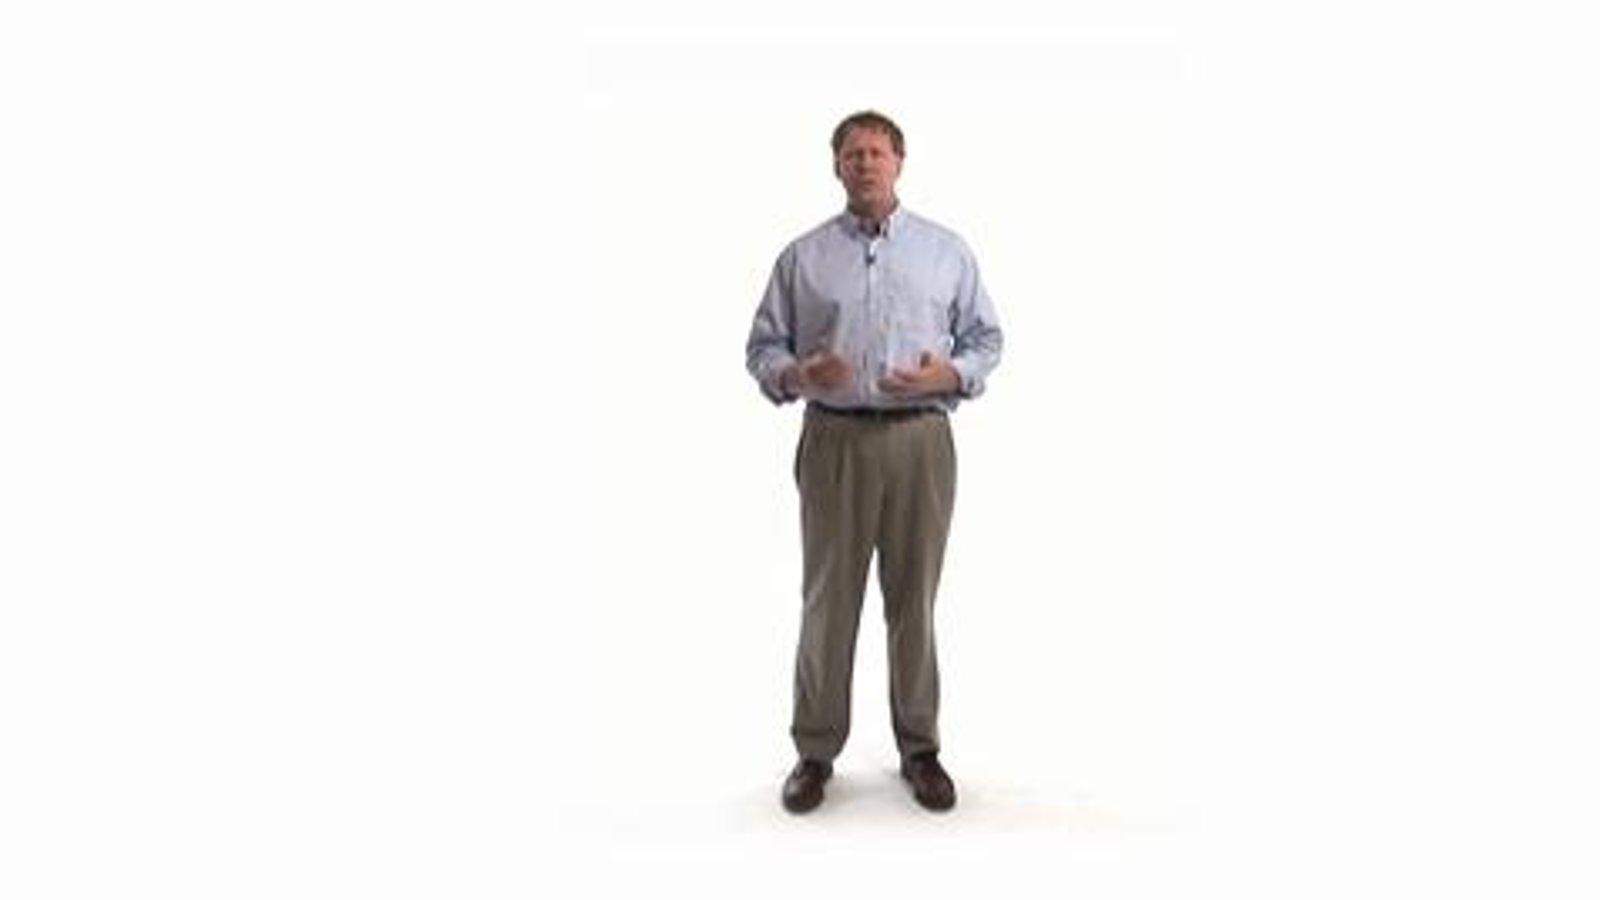 Orthopedic Assessment for Lower Body